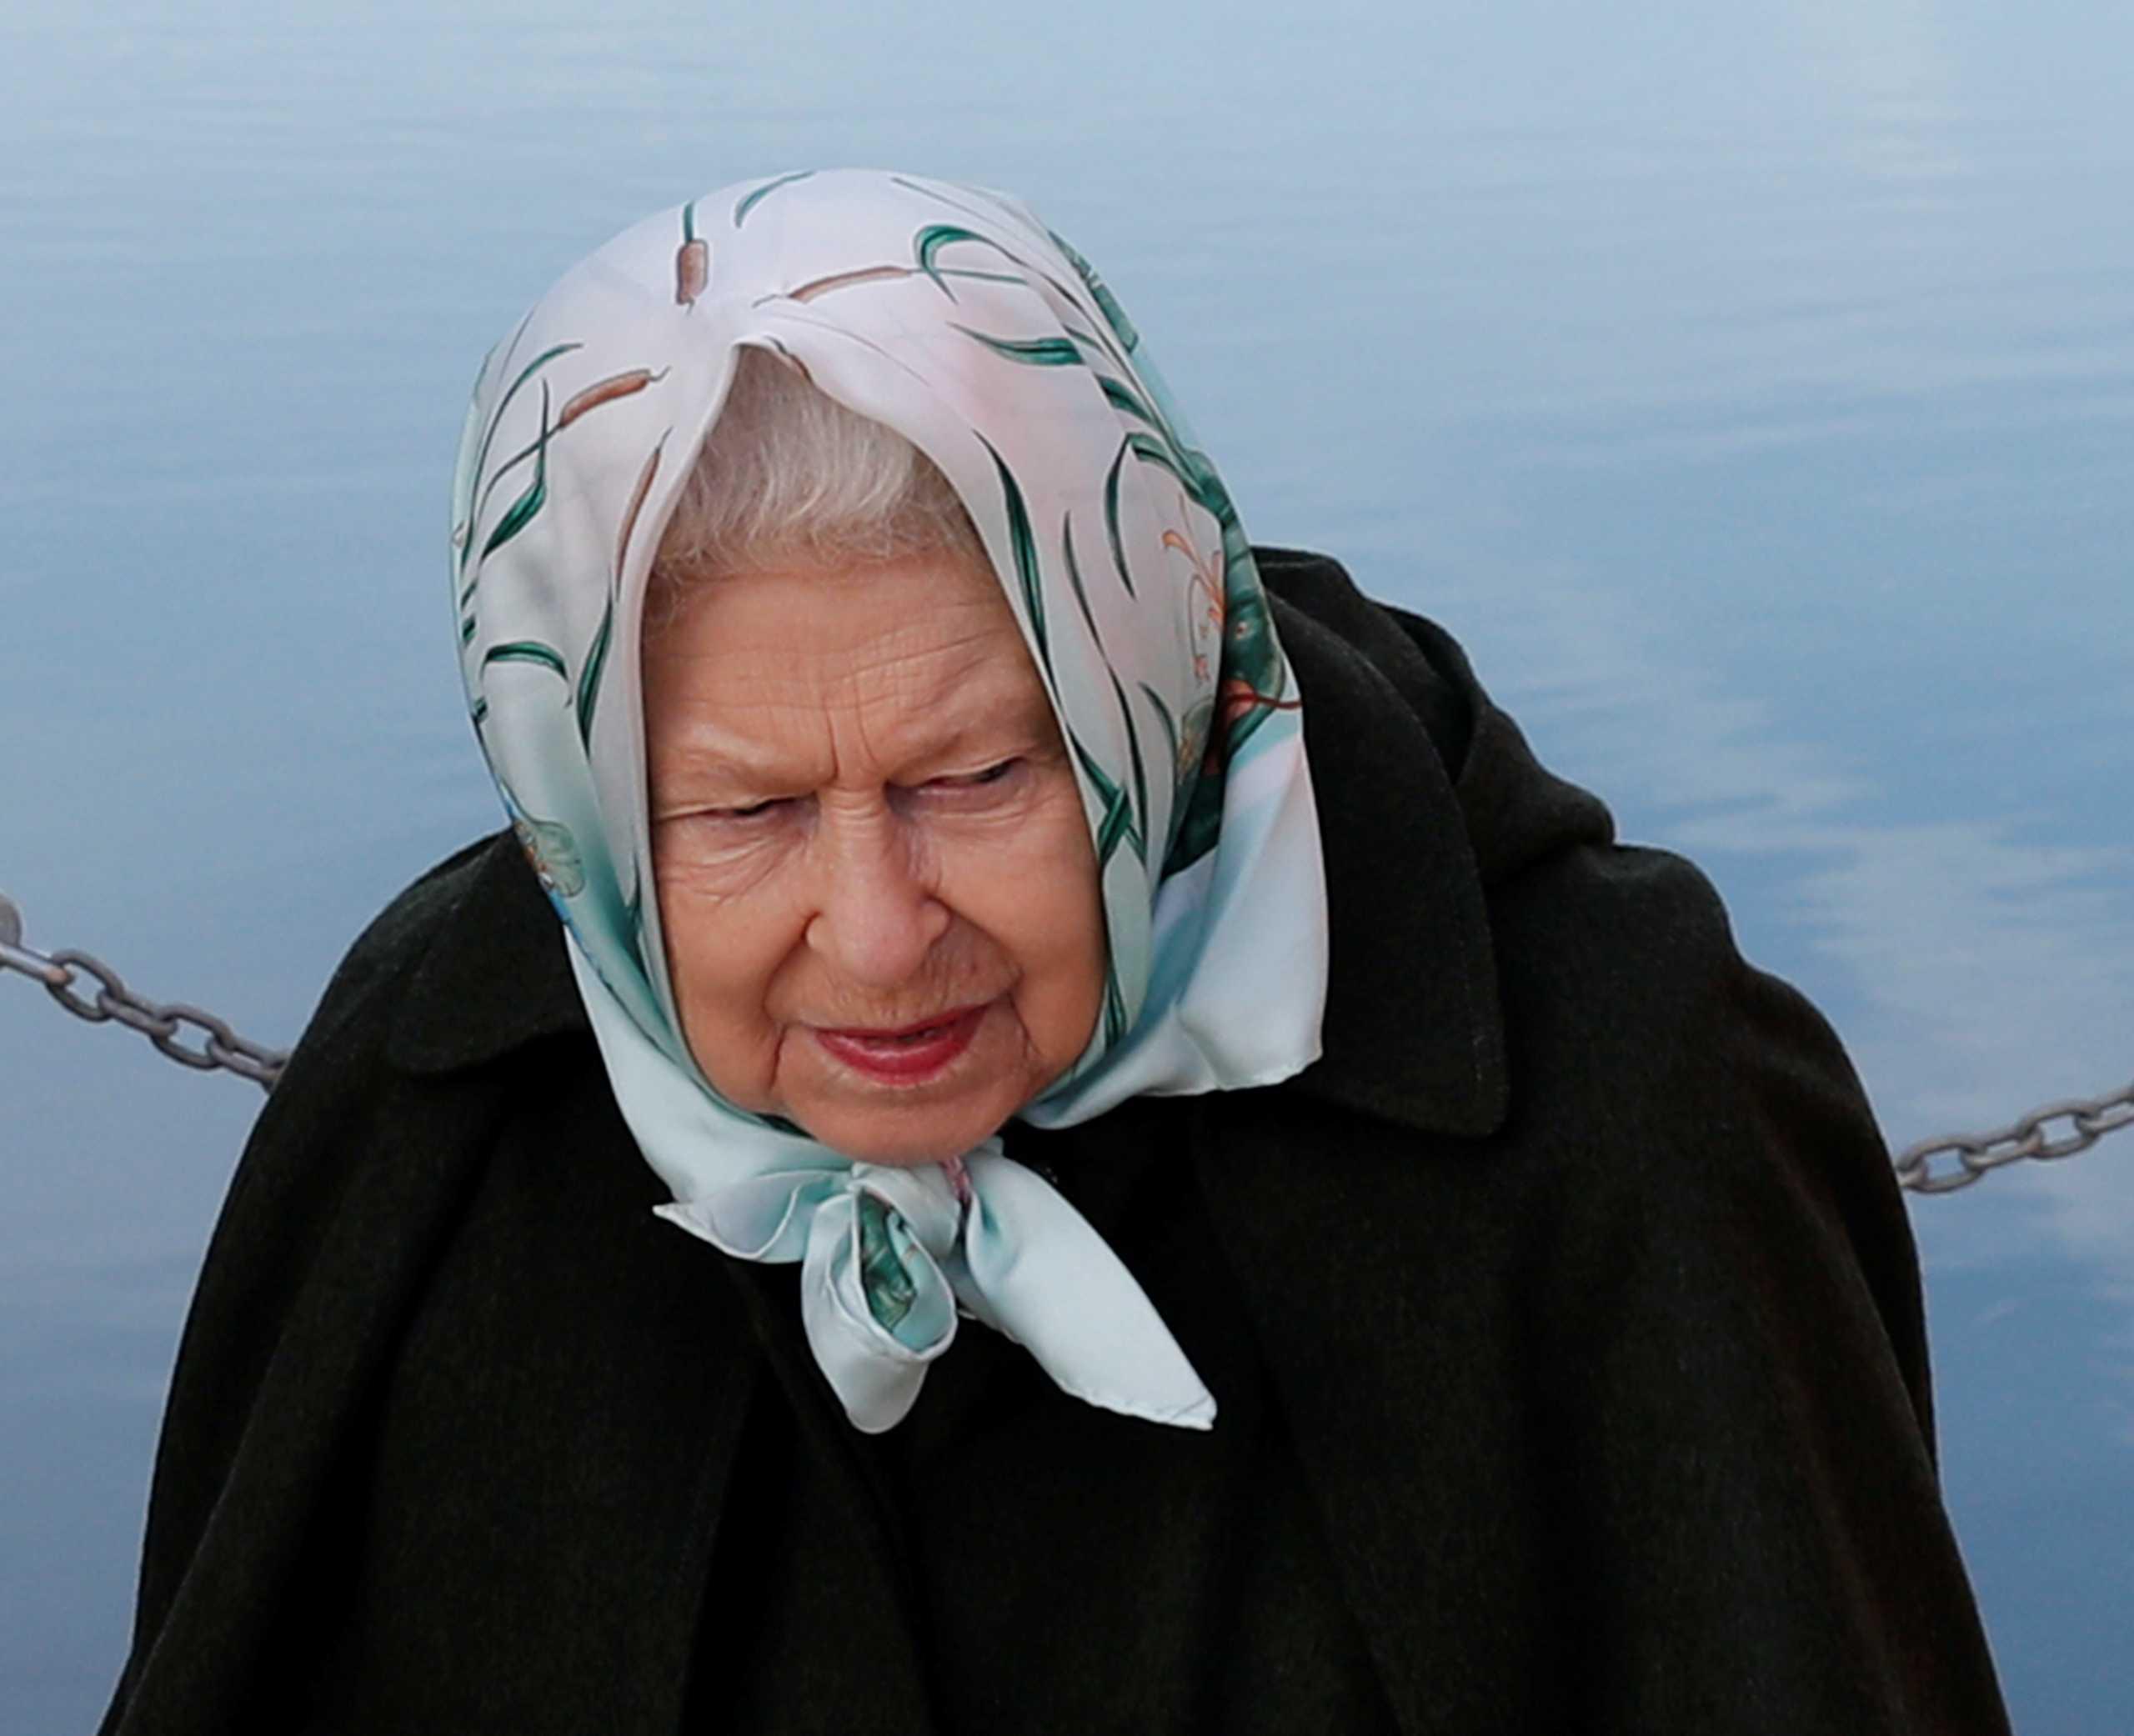 Επιδημία διαζυγίων στο Παλάτι! Ο νέος χωρισμός που καταρράκωσε την Βασίλισσα!